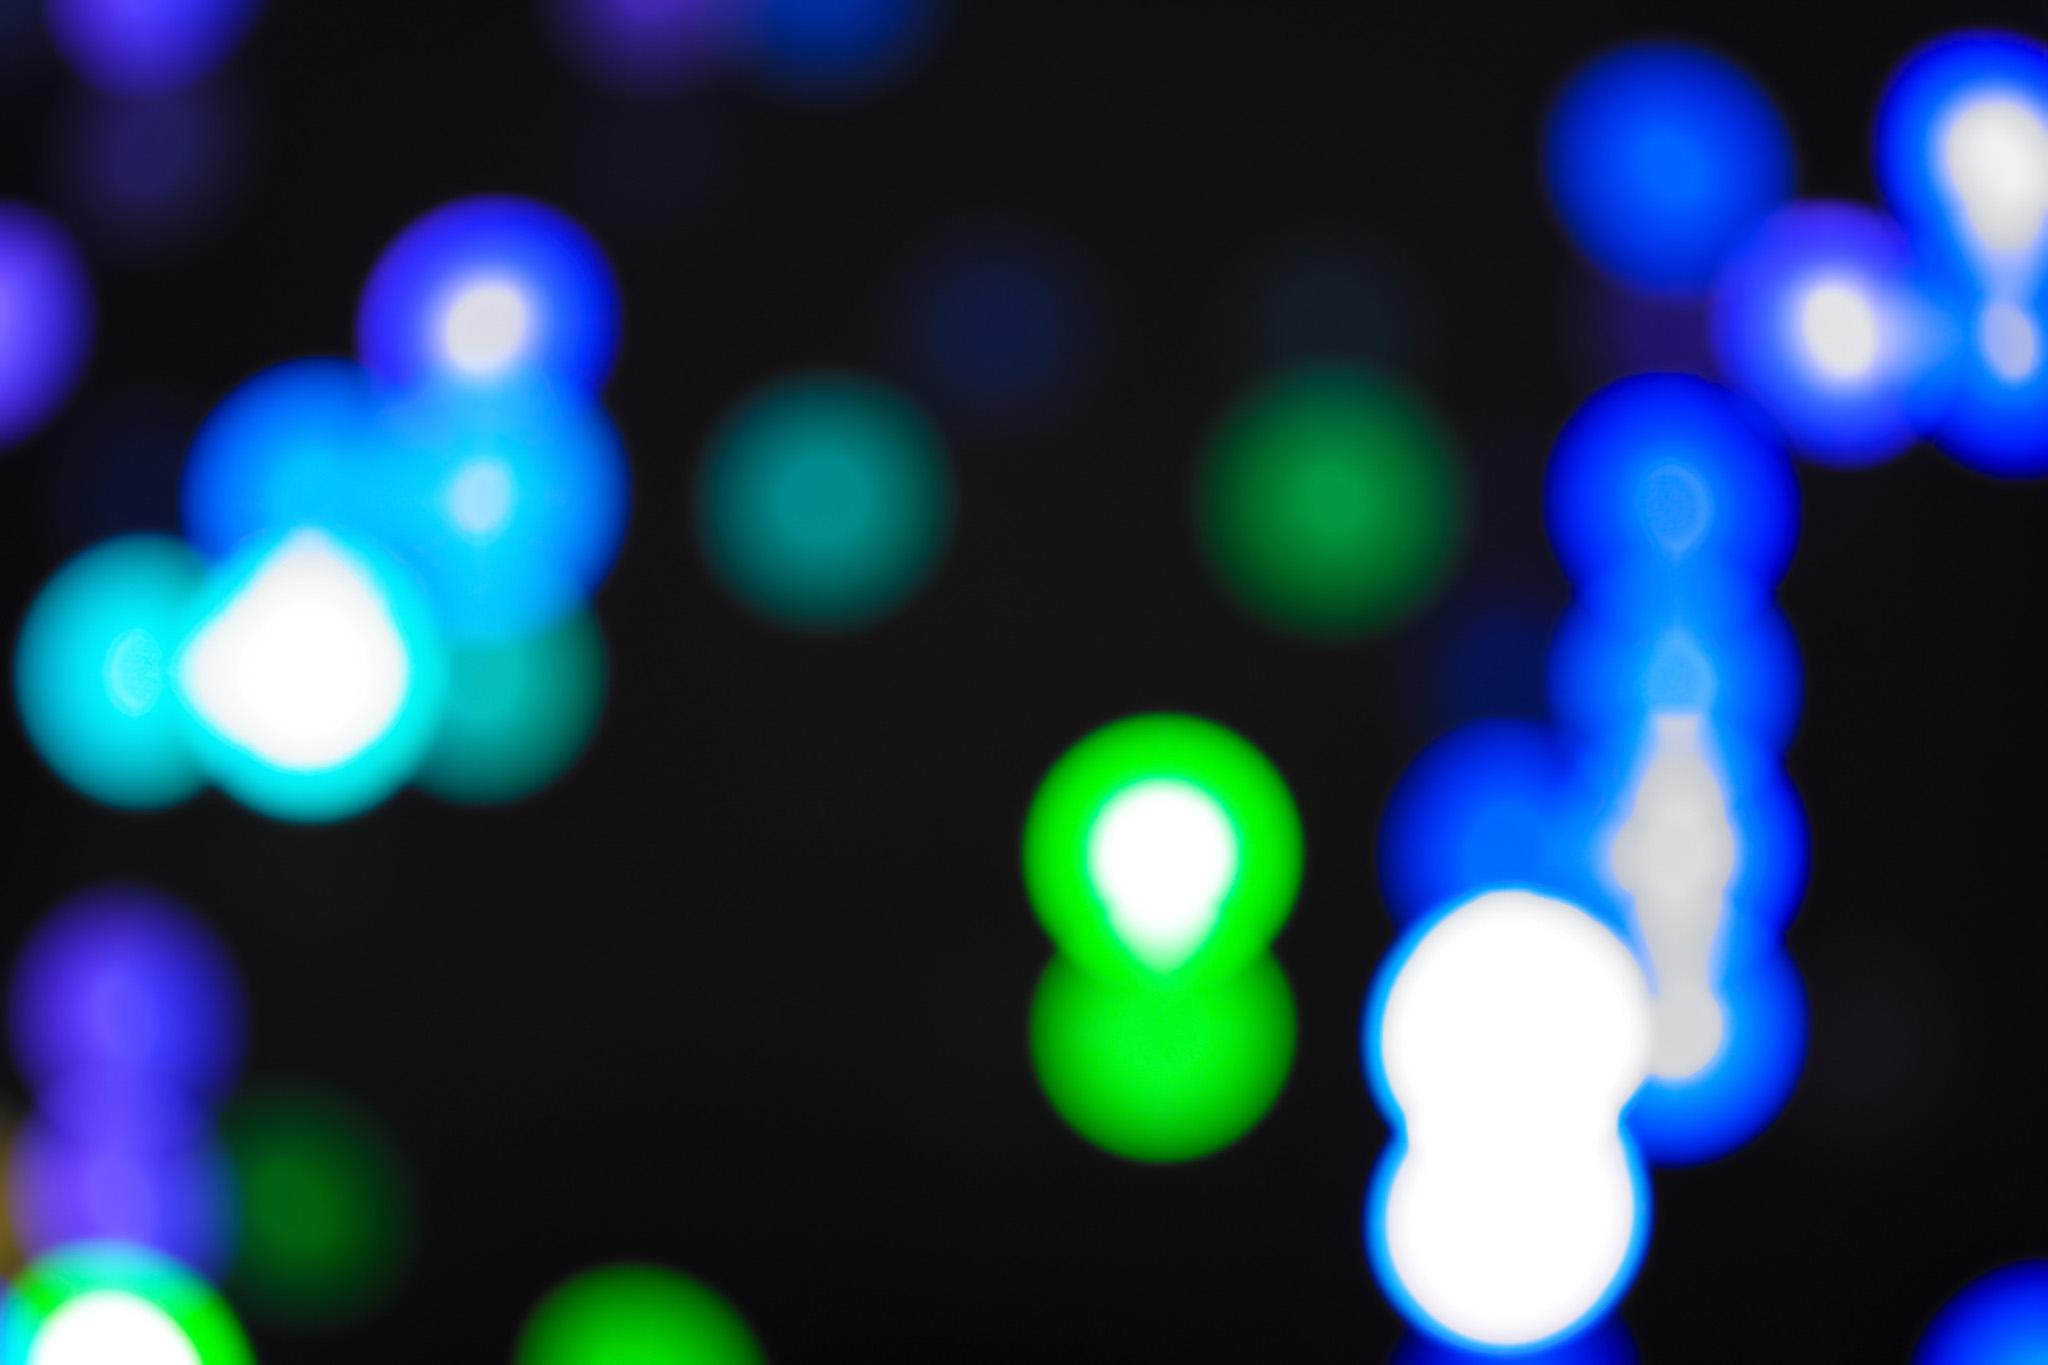 「色鮮やかな光」